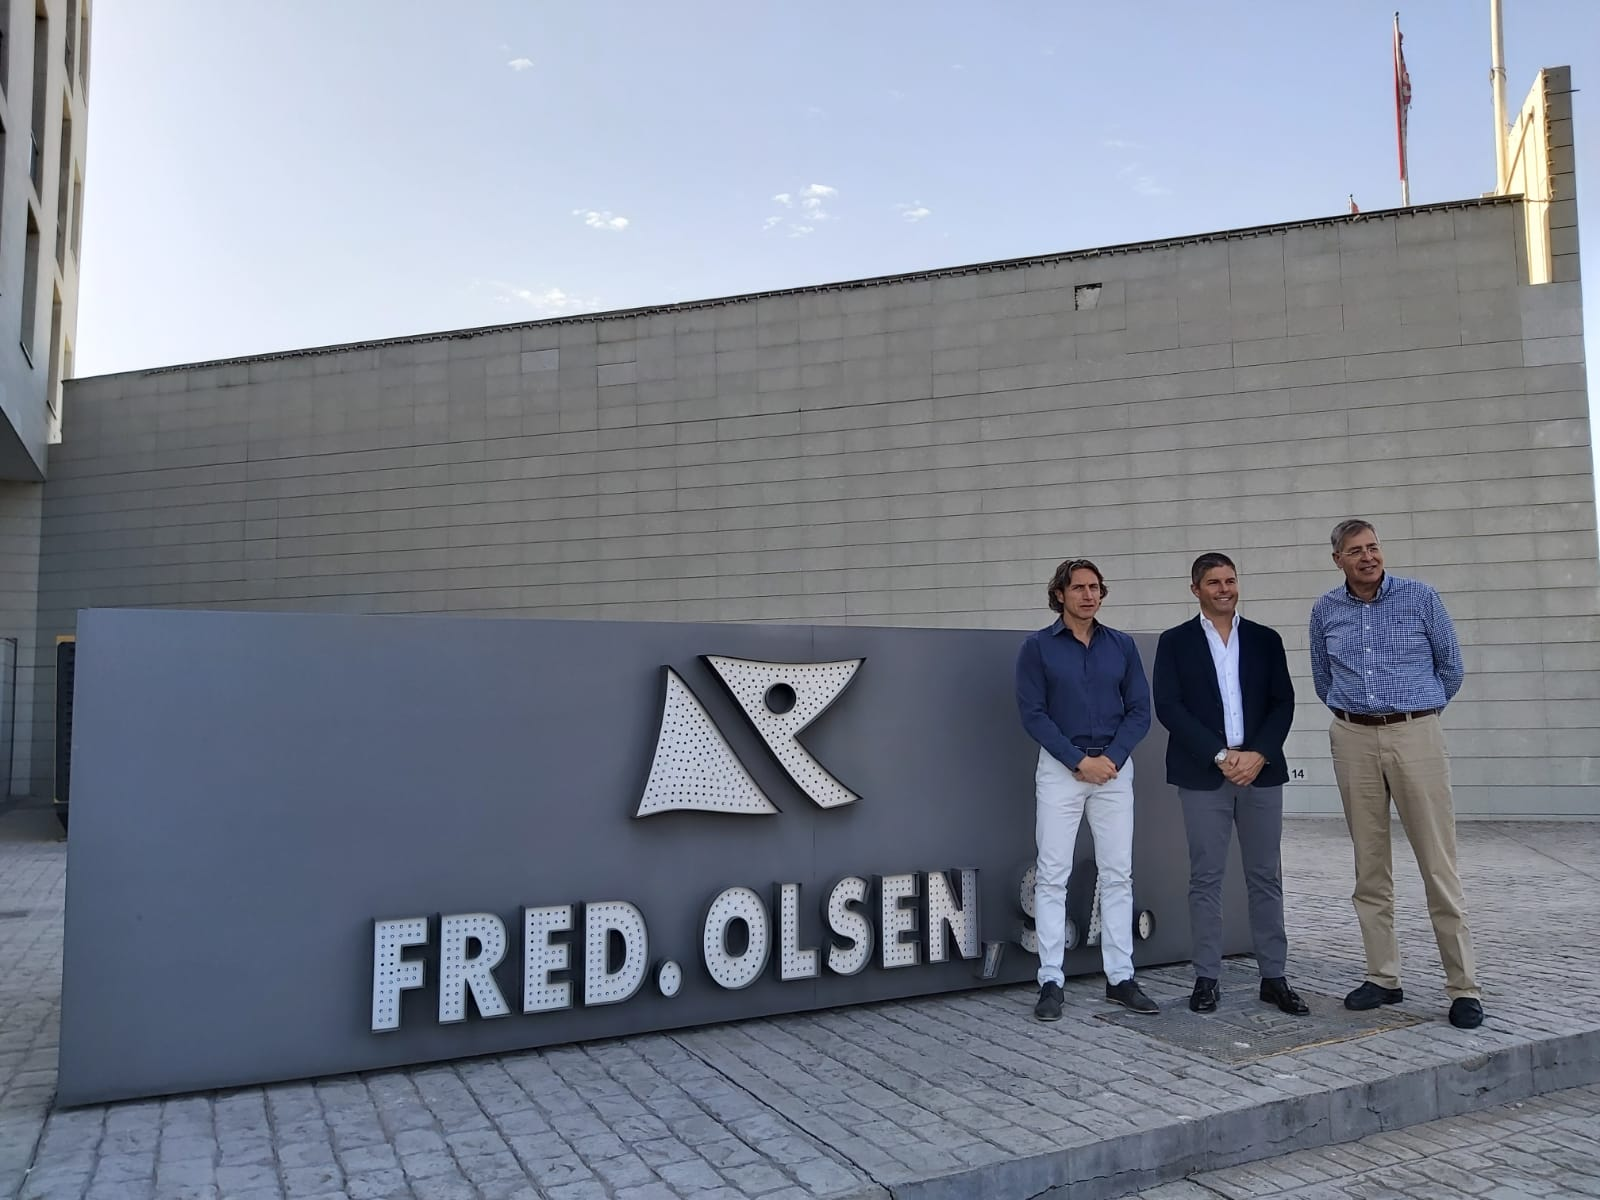 Fred. Olsen - AGAP